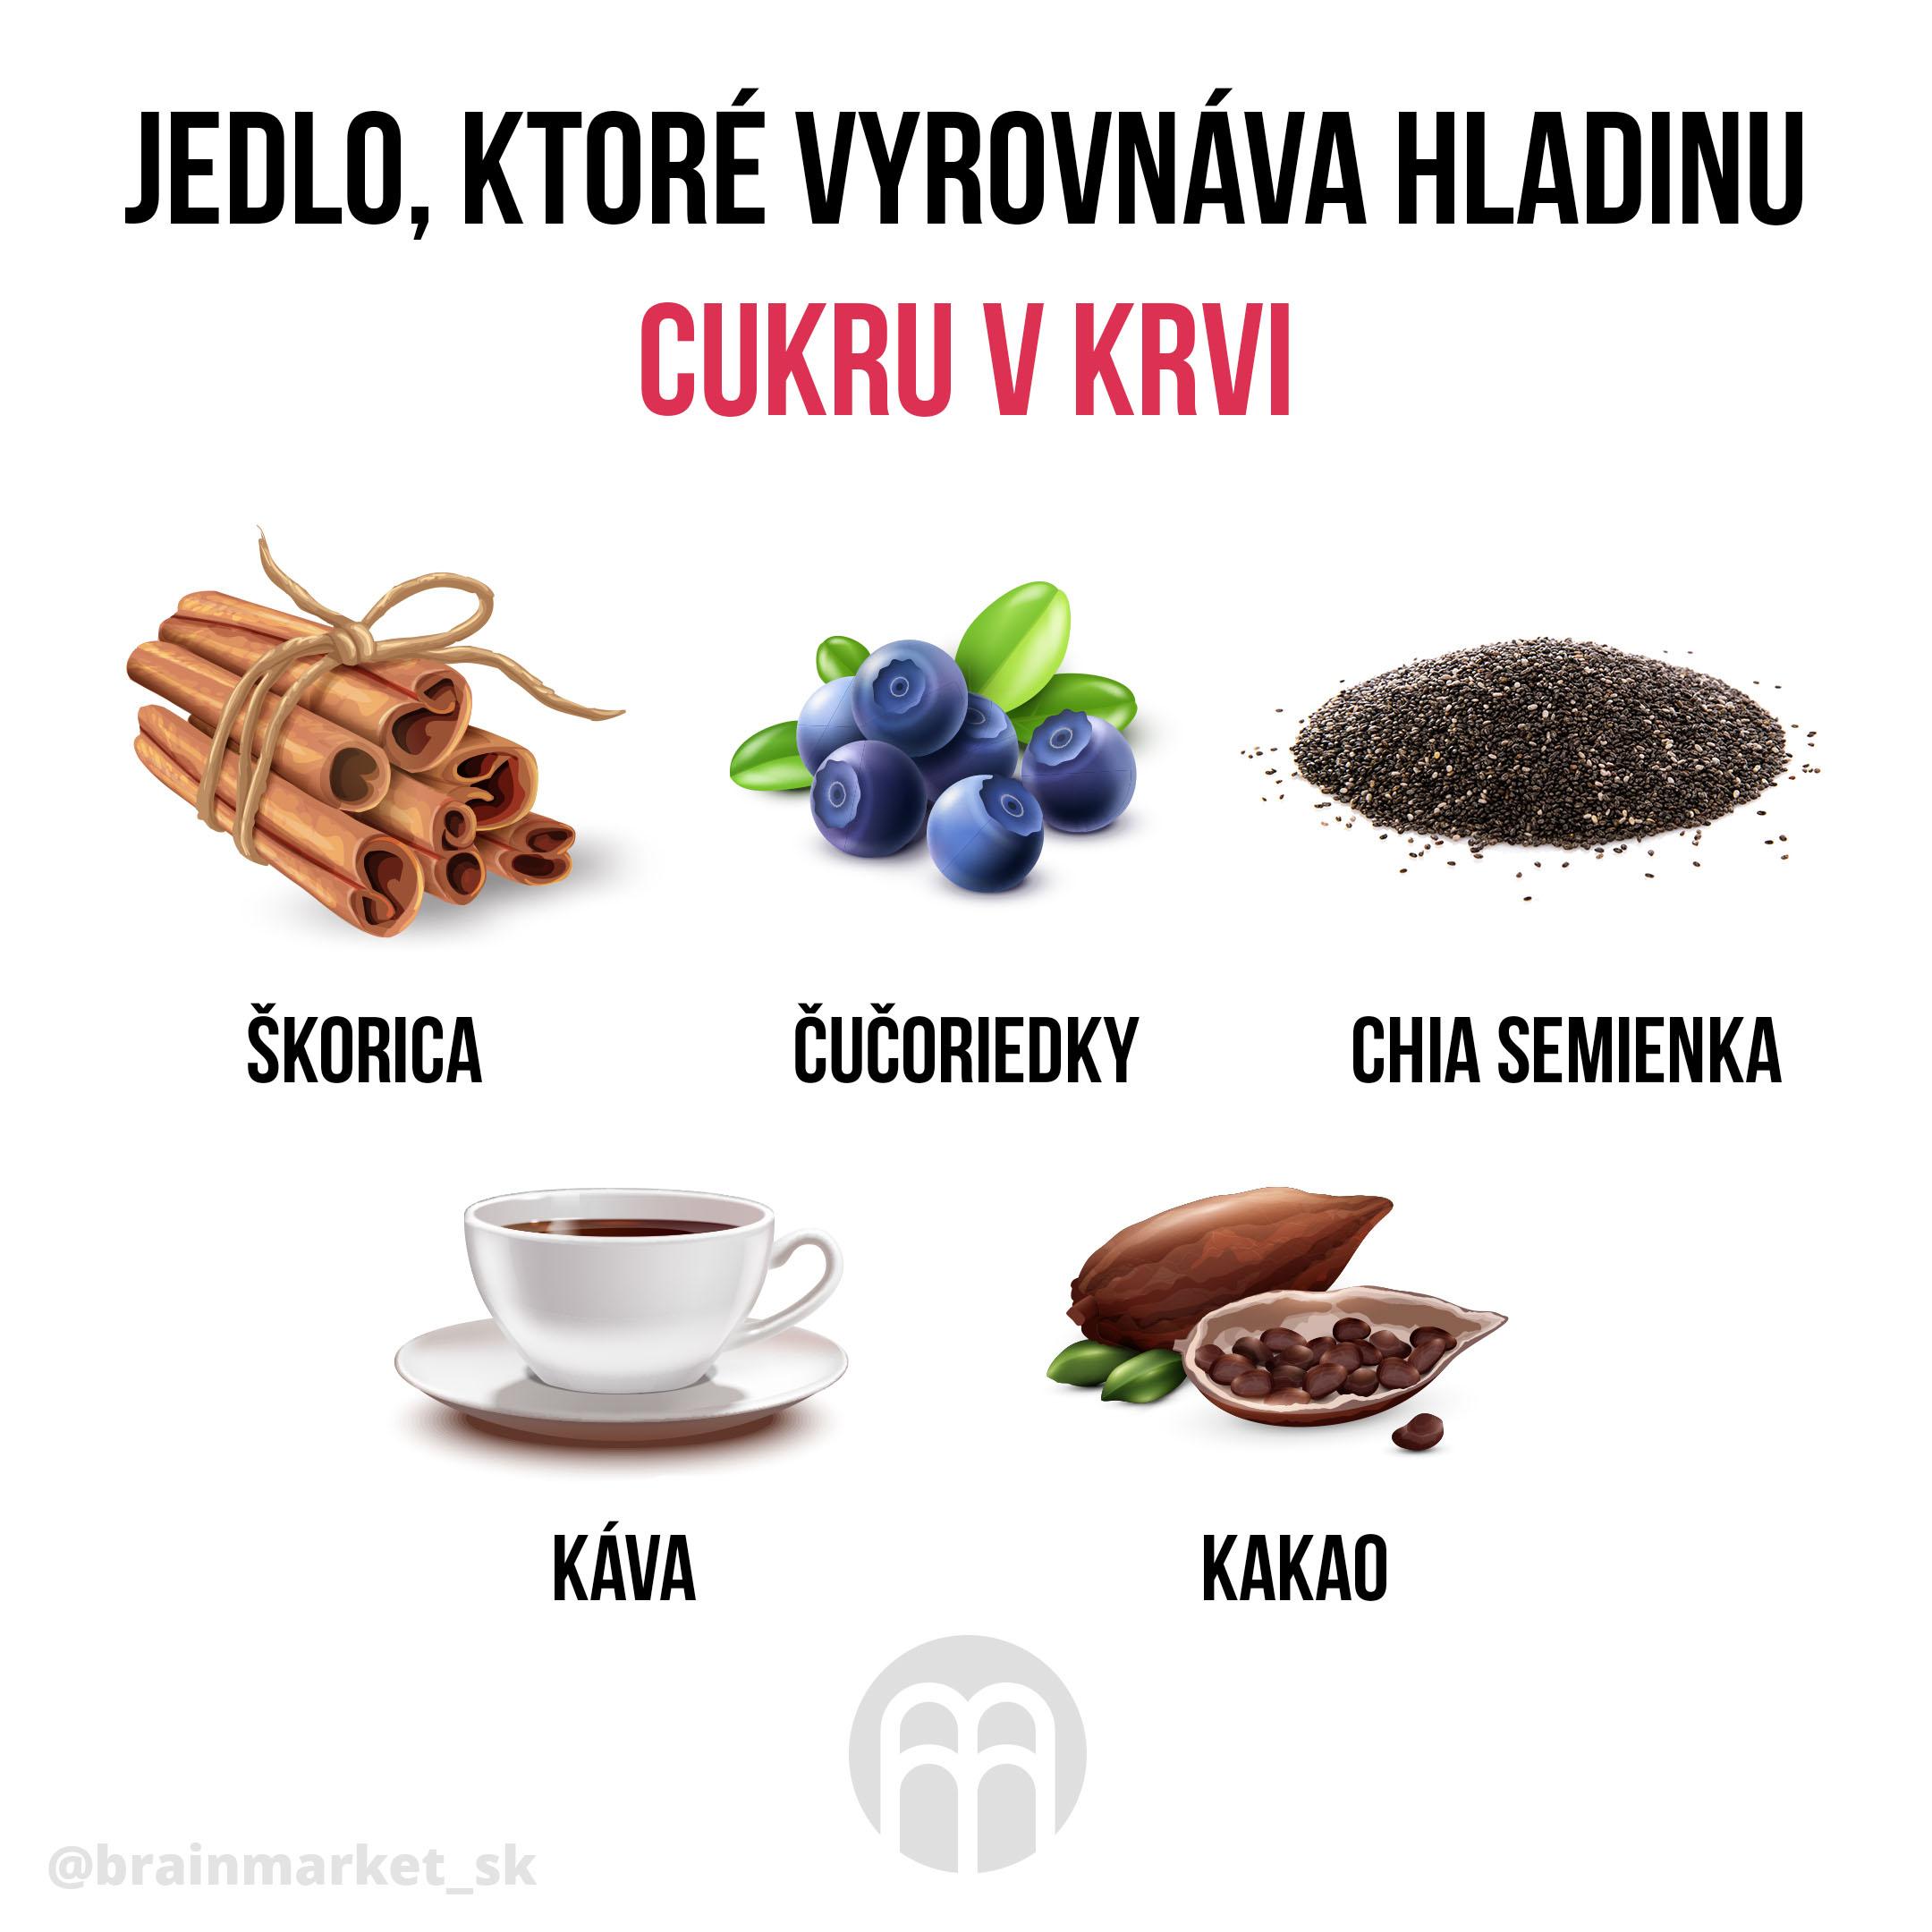 jidlo-ktere-vyrovnana-hladinu-cukru-v-krvi_infografika_brainmarket_sk